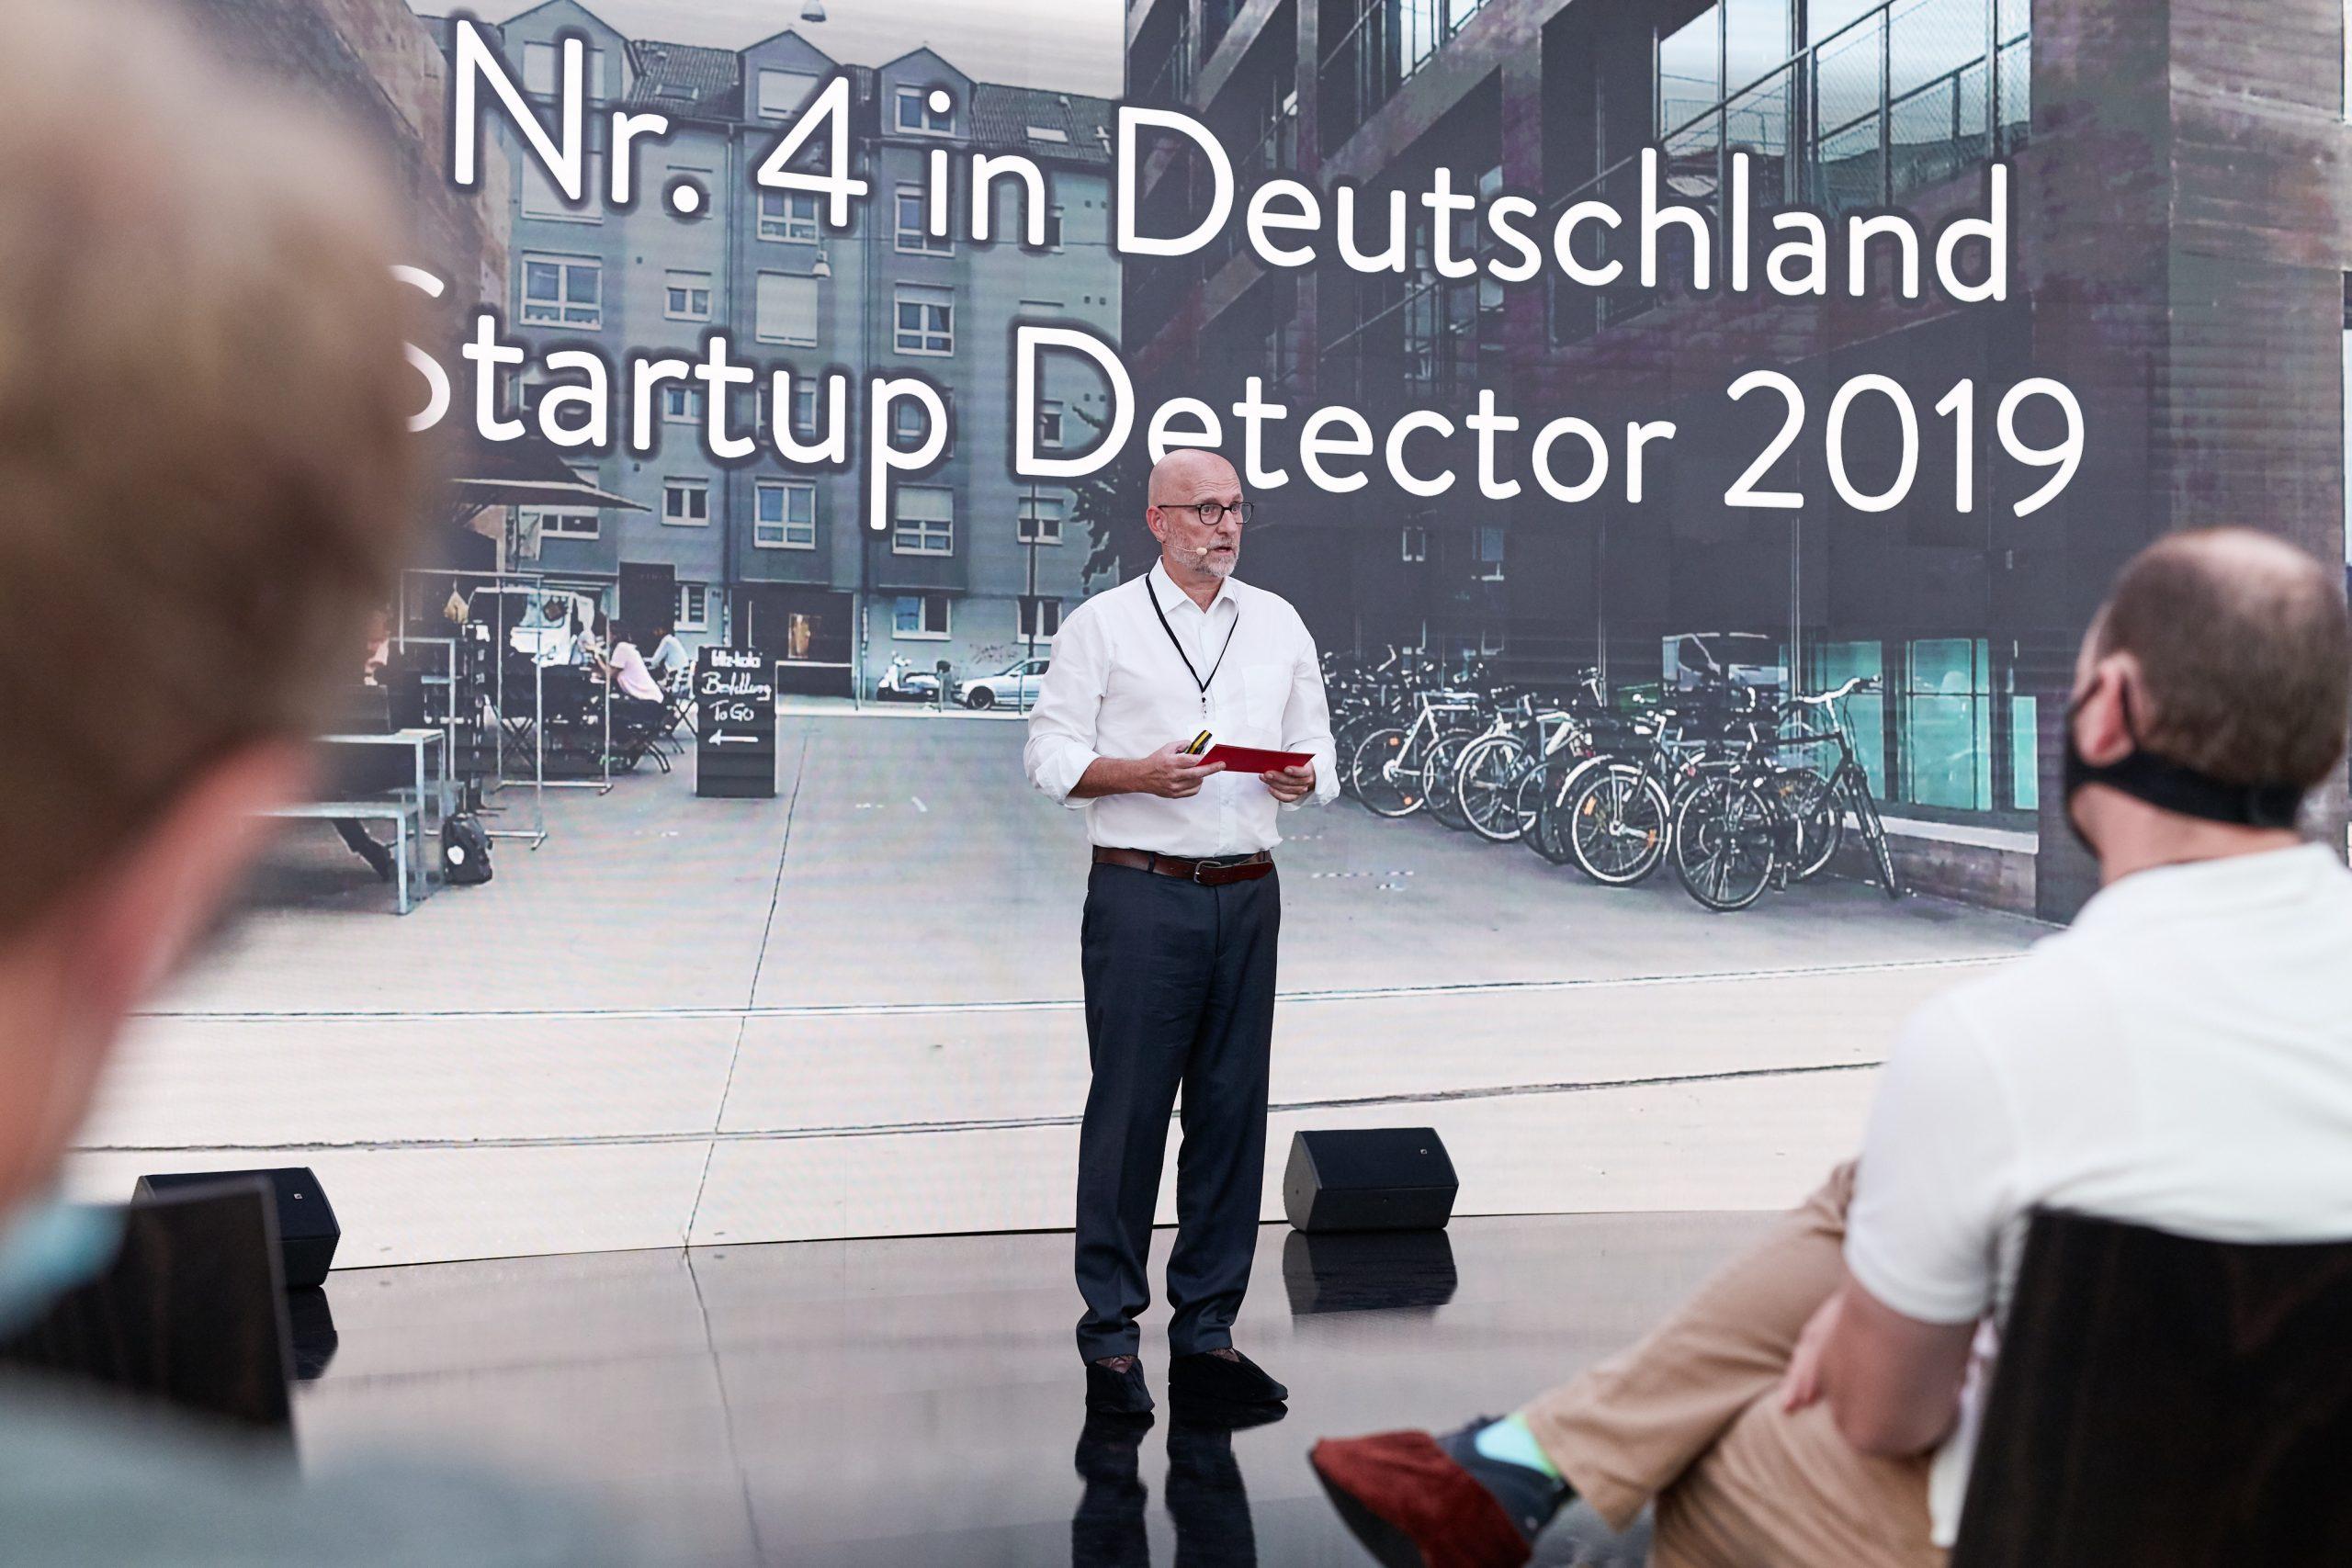 Auch beim Startup Detector 2019 belegt Mannheim Spitzenplätze